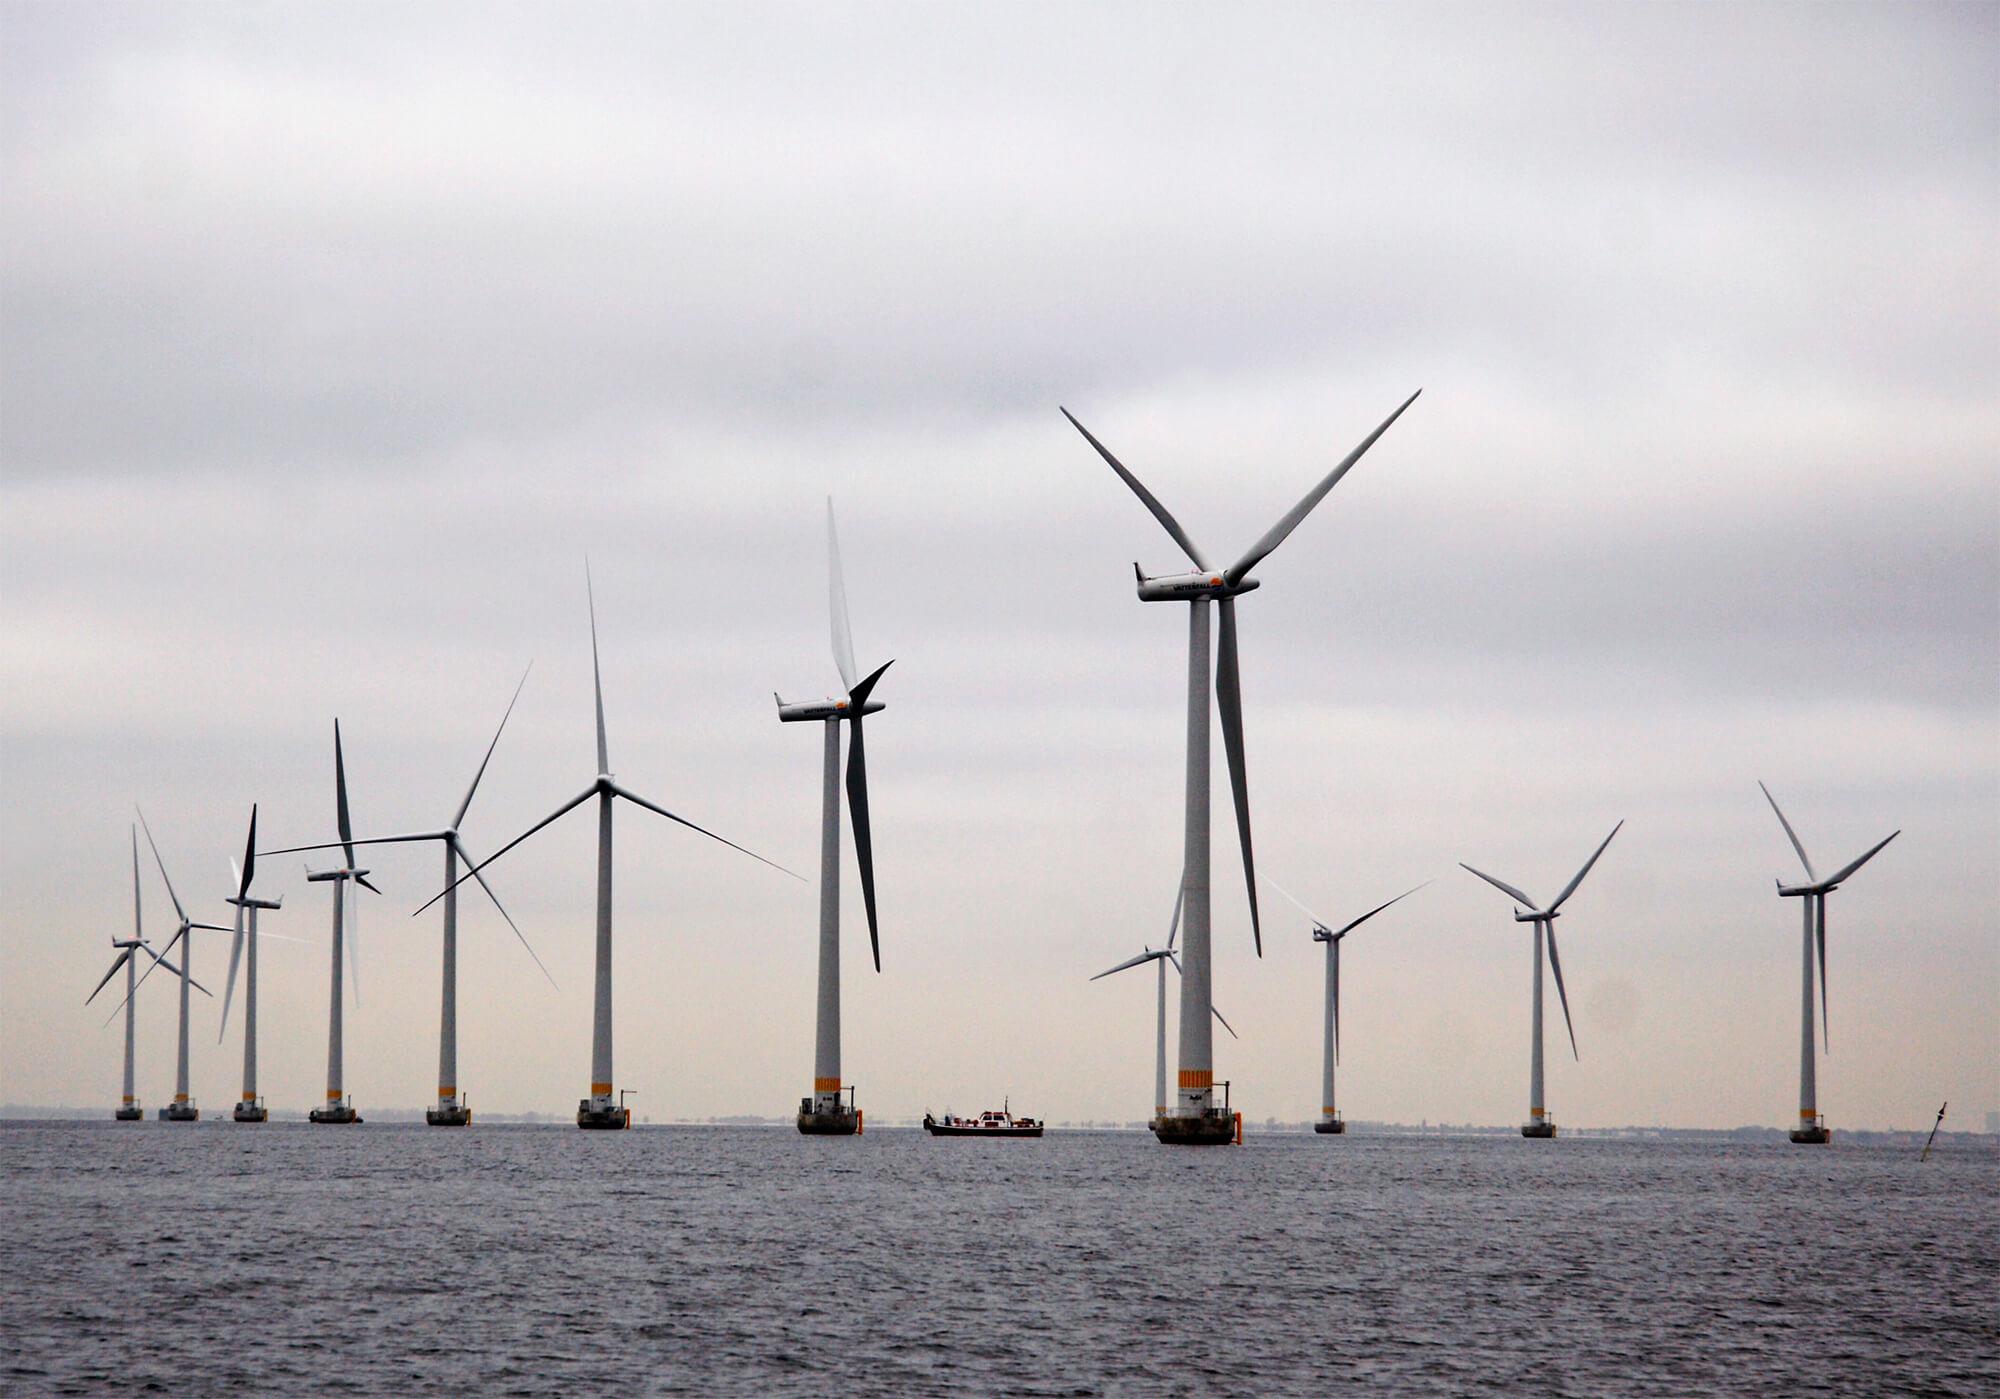 Větrná farma Lillgrund nacházející se v Dánsku mezi Malmö a Kodaní. Zdroj: Vattenfall